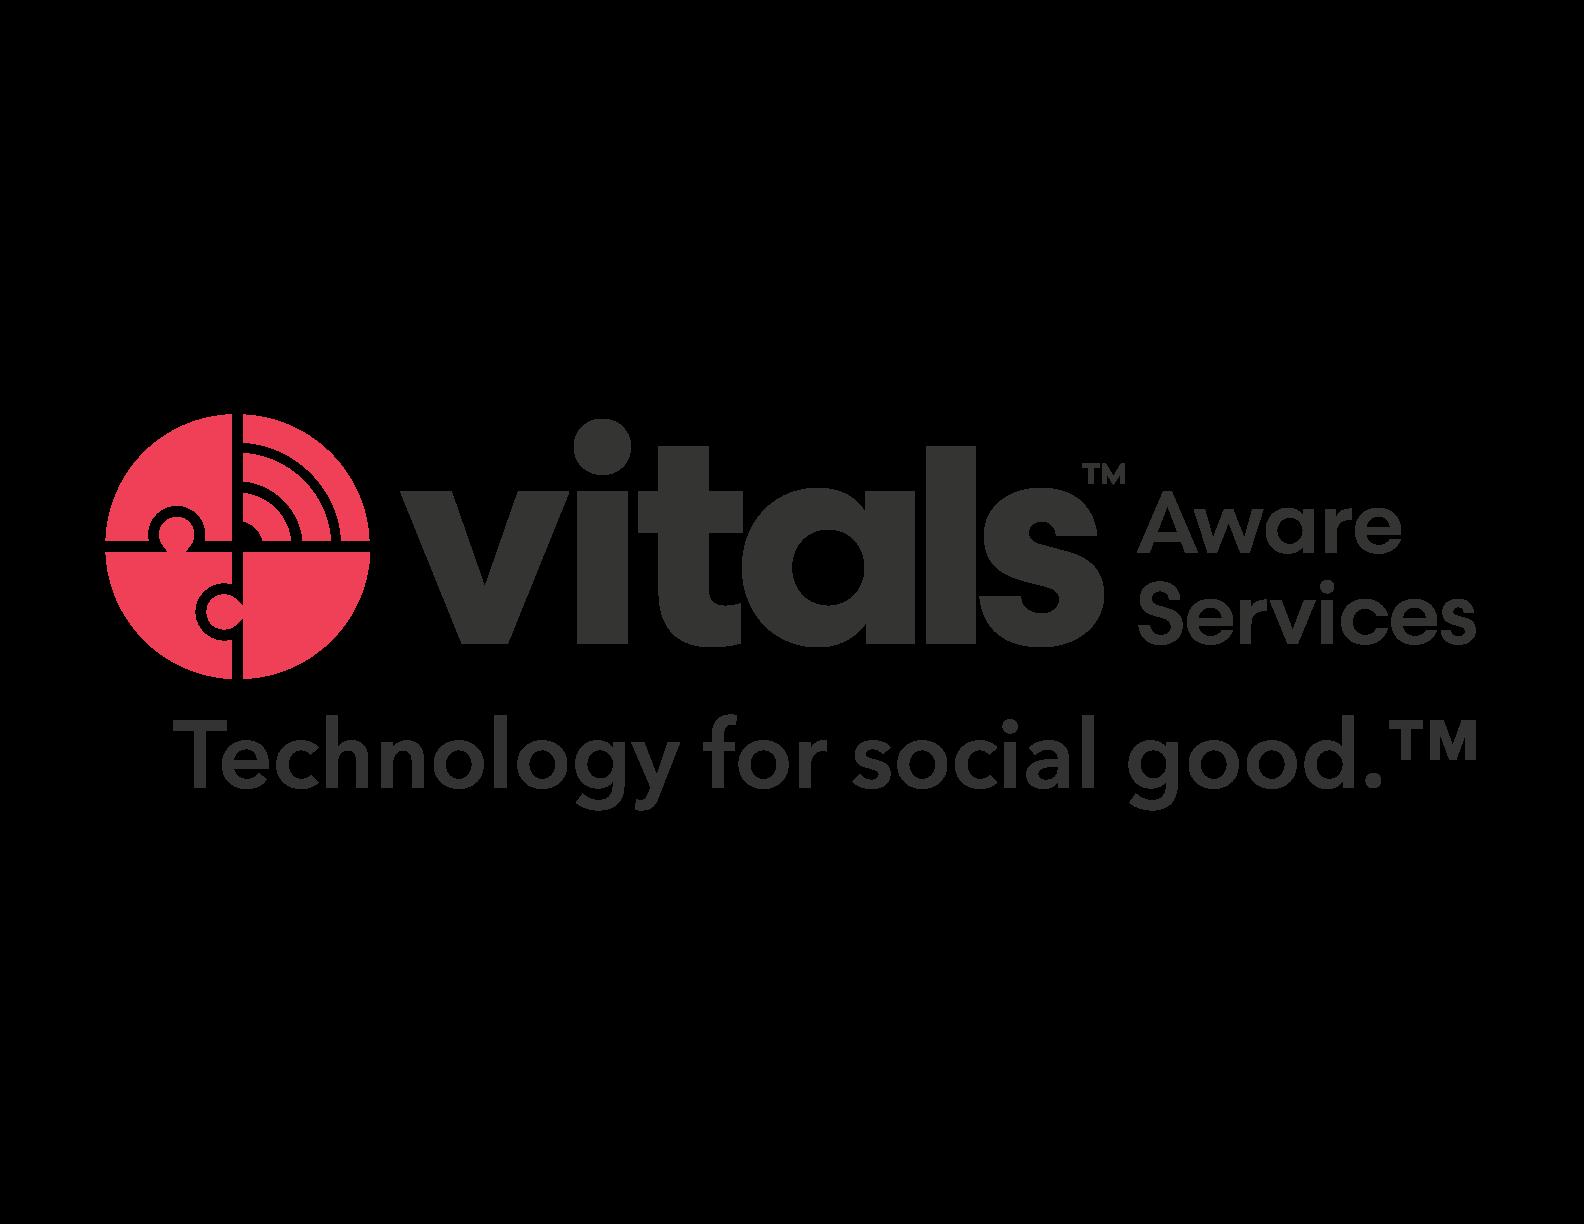 vitals-logo-color-black3.png